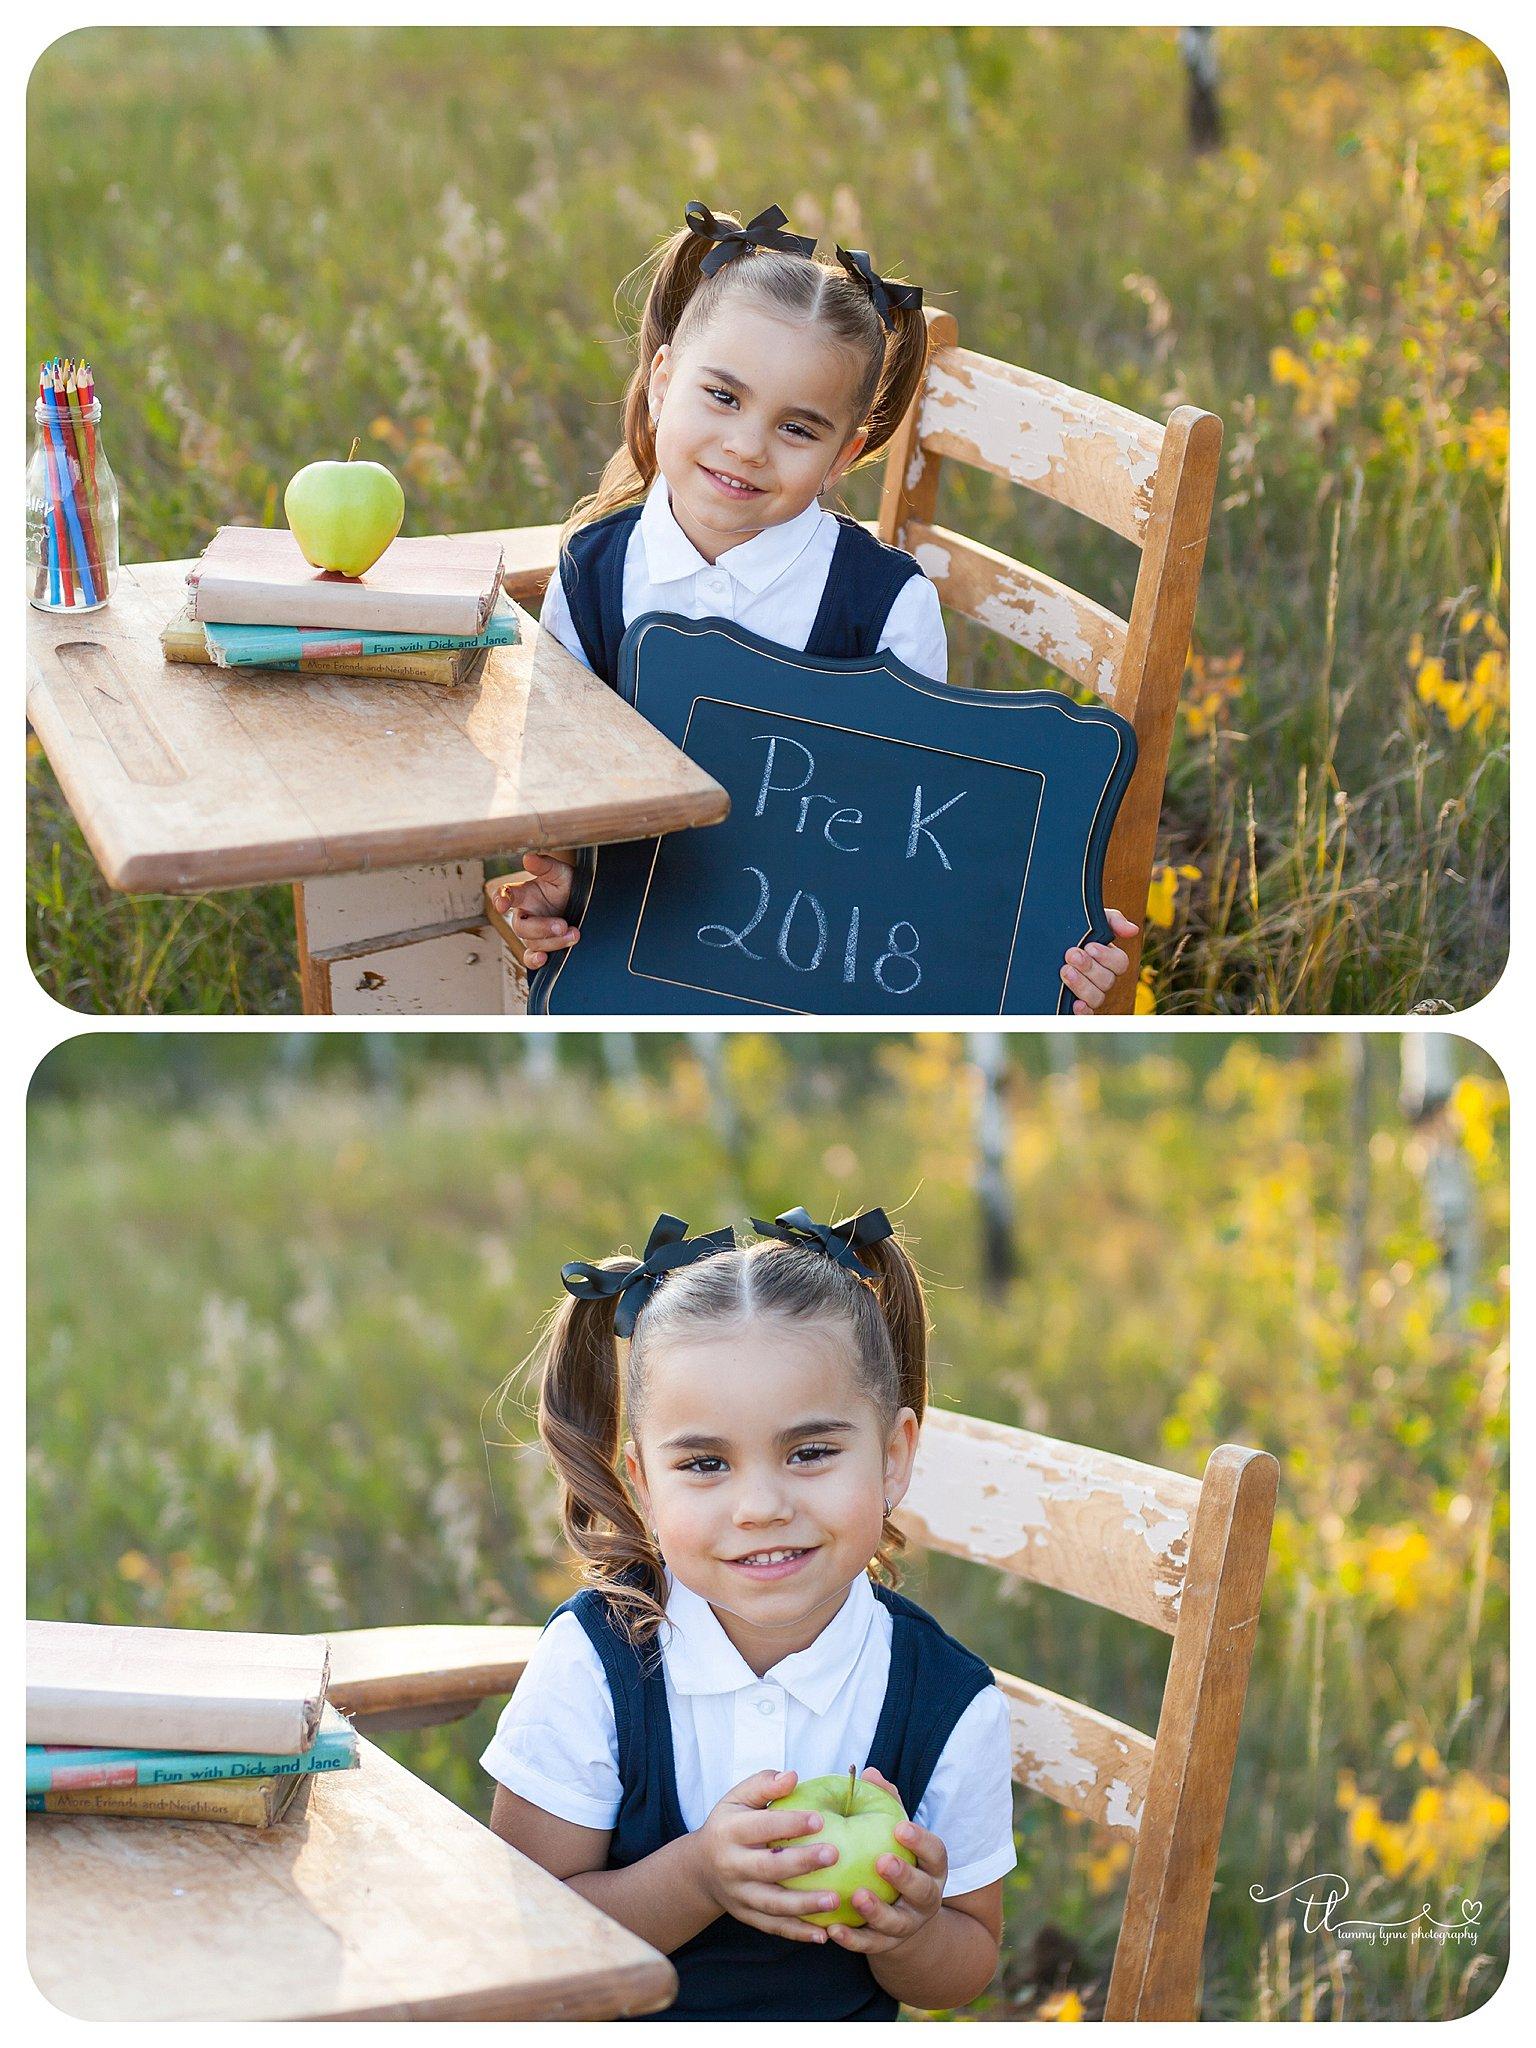 student at vintage school desk holding a grade sign